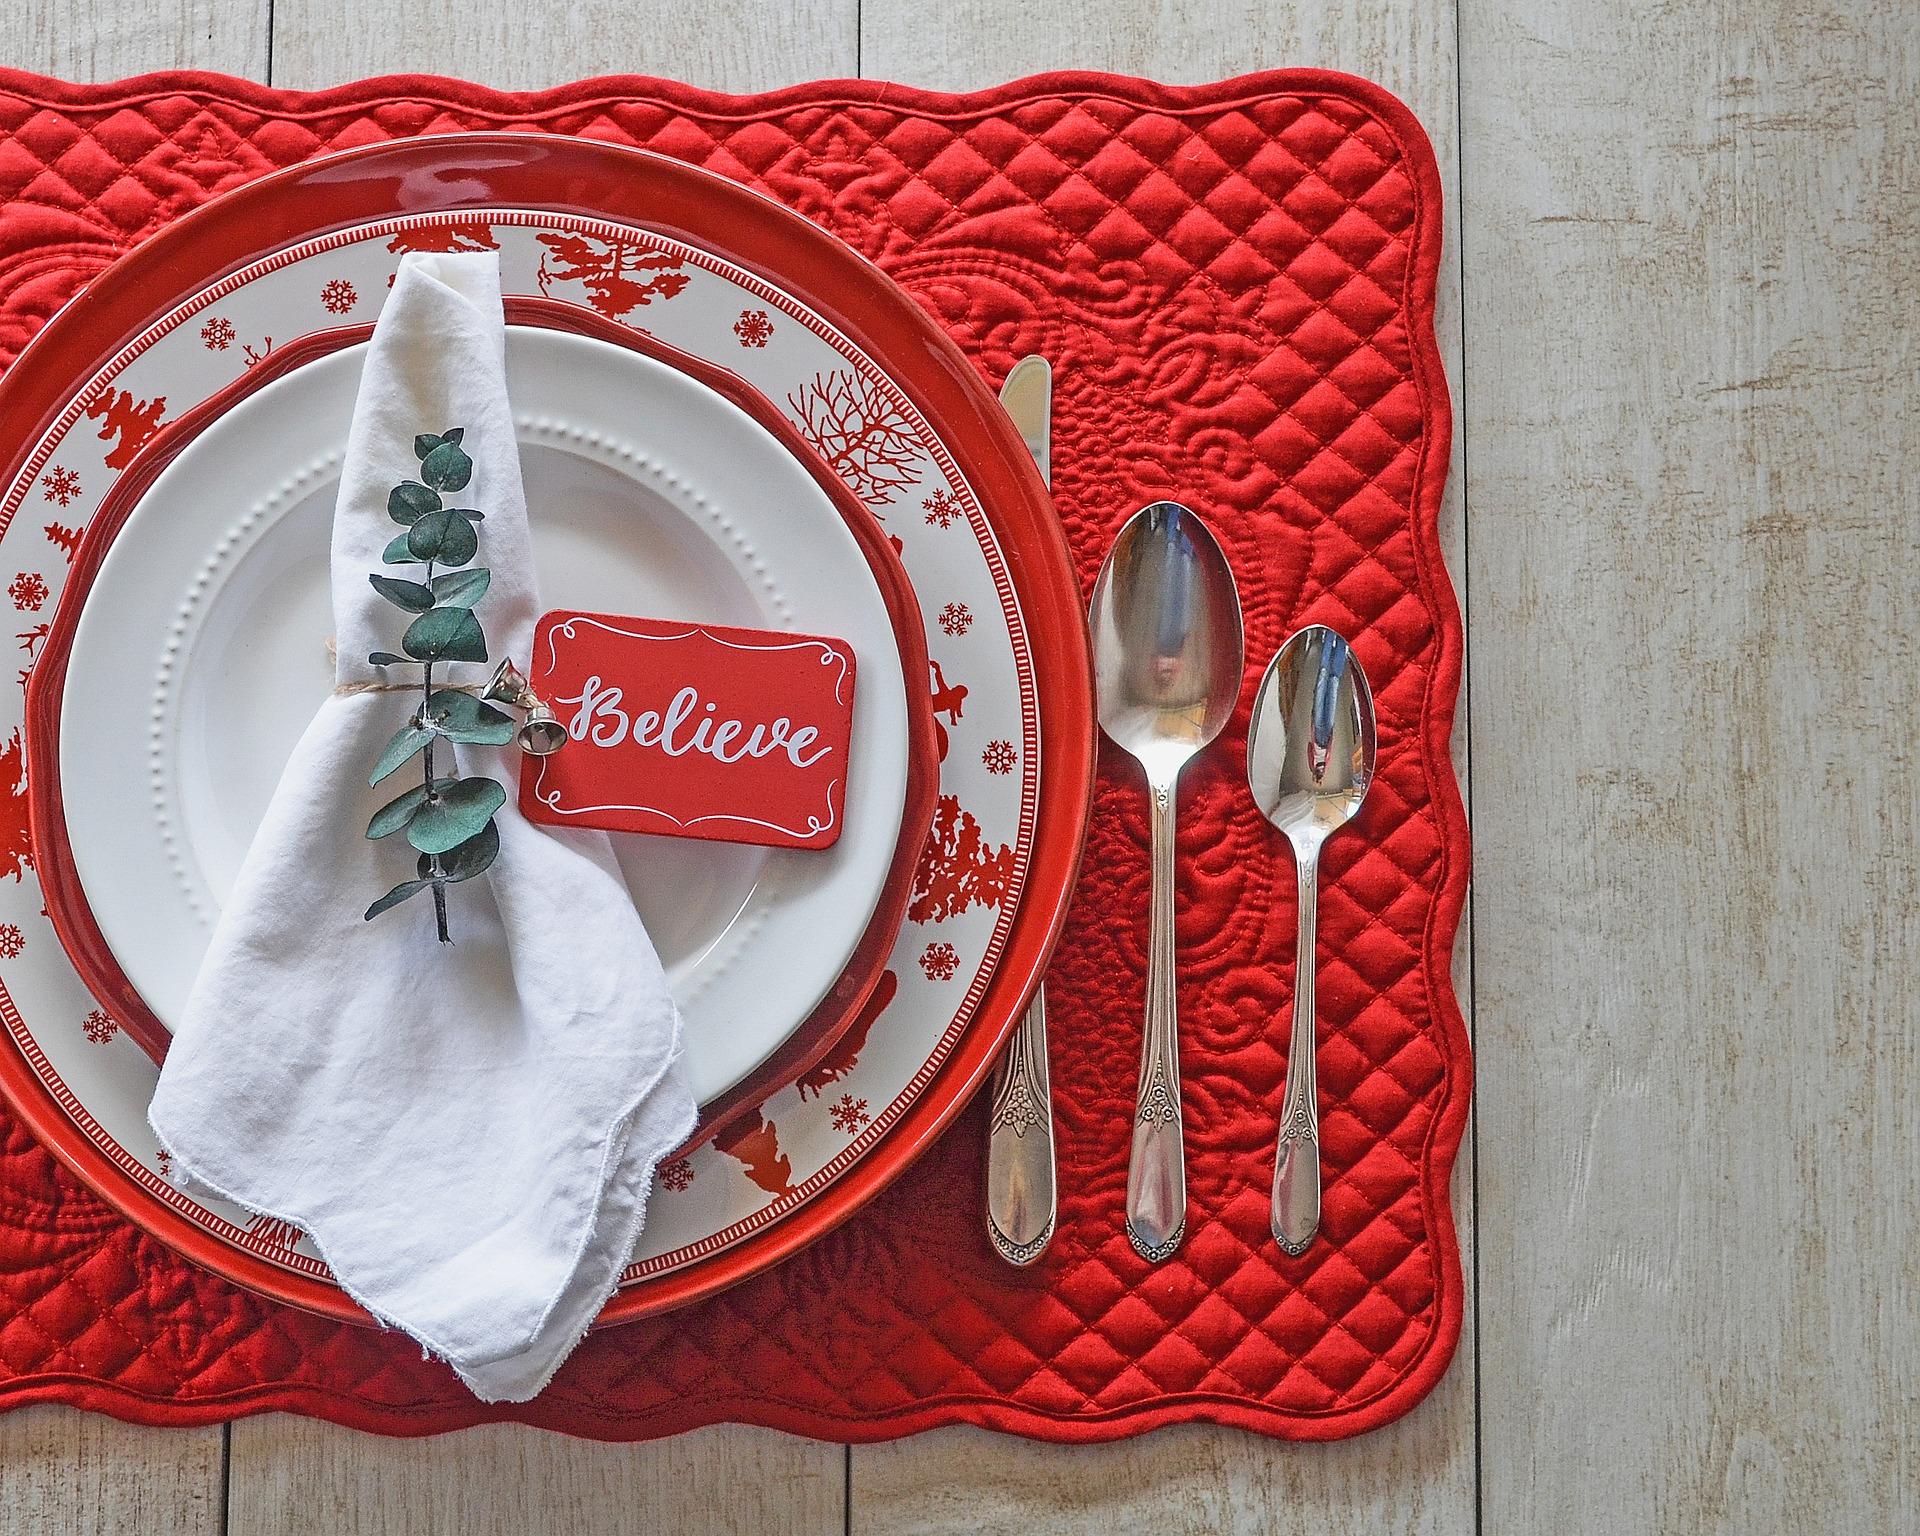 Weihnachtsgeschirr: Test & Empfehlungen (11/20)